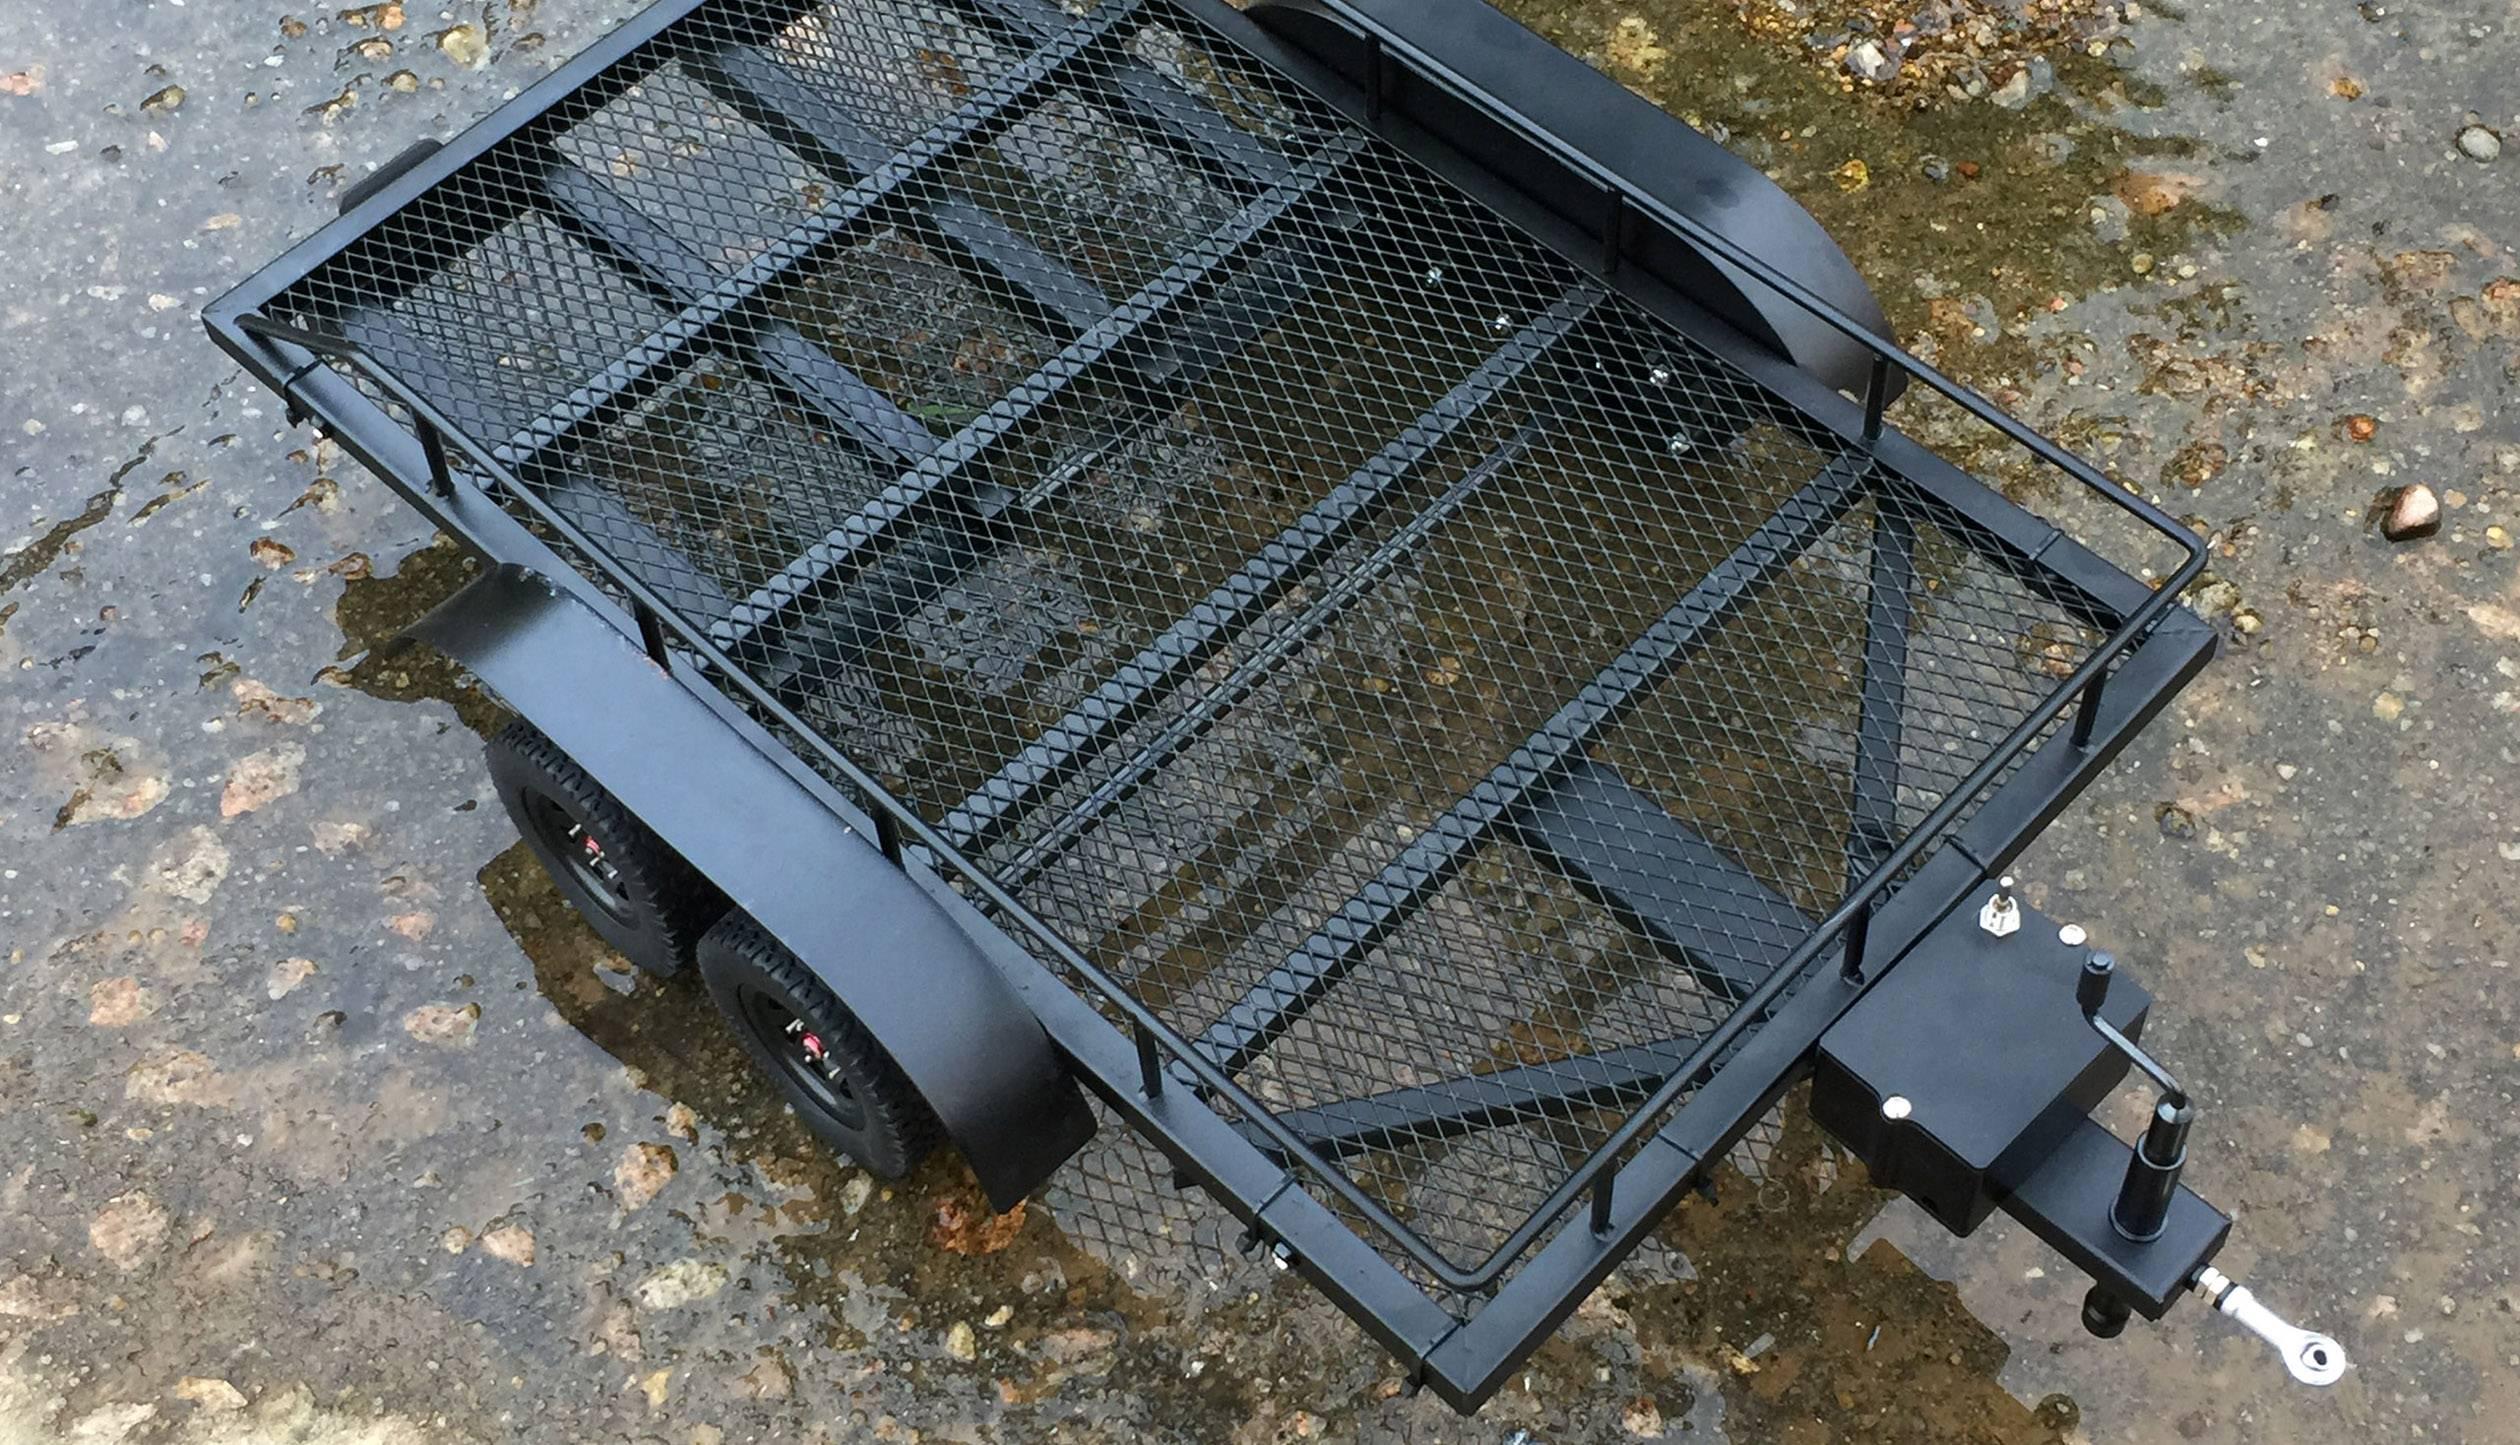 Amewi Anhänger für Crawler 22197 Trailer 1:10 Scaler  Crawler